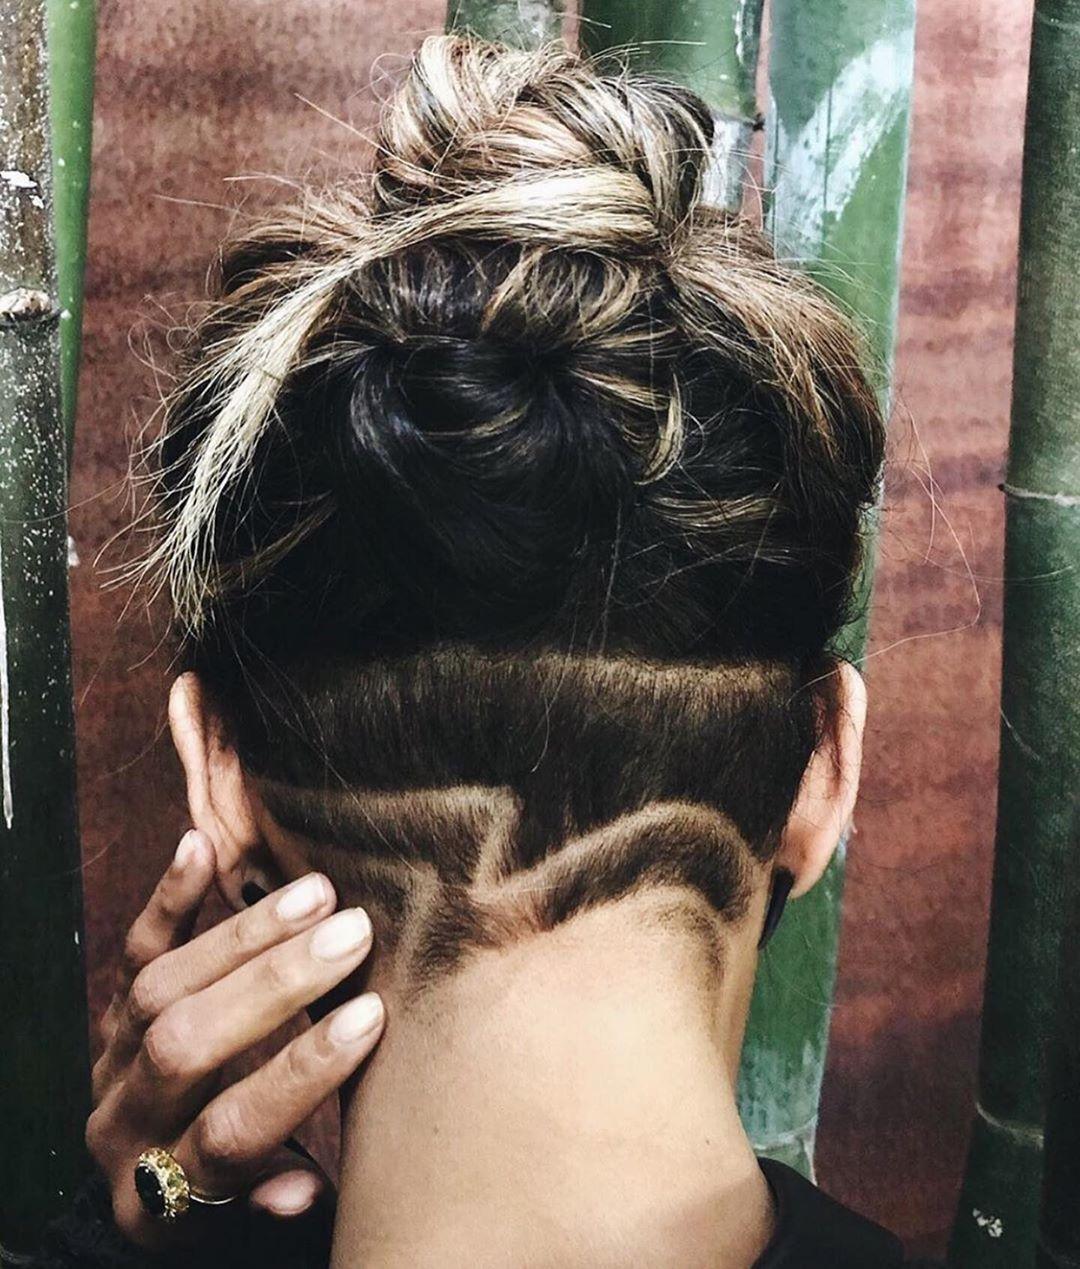 El nuevo corte de pelo rapado de diseño por obra y gracia de Ohre Kilpatrick de Halle Berry.